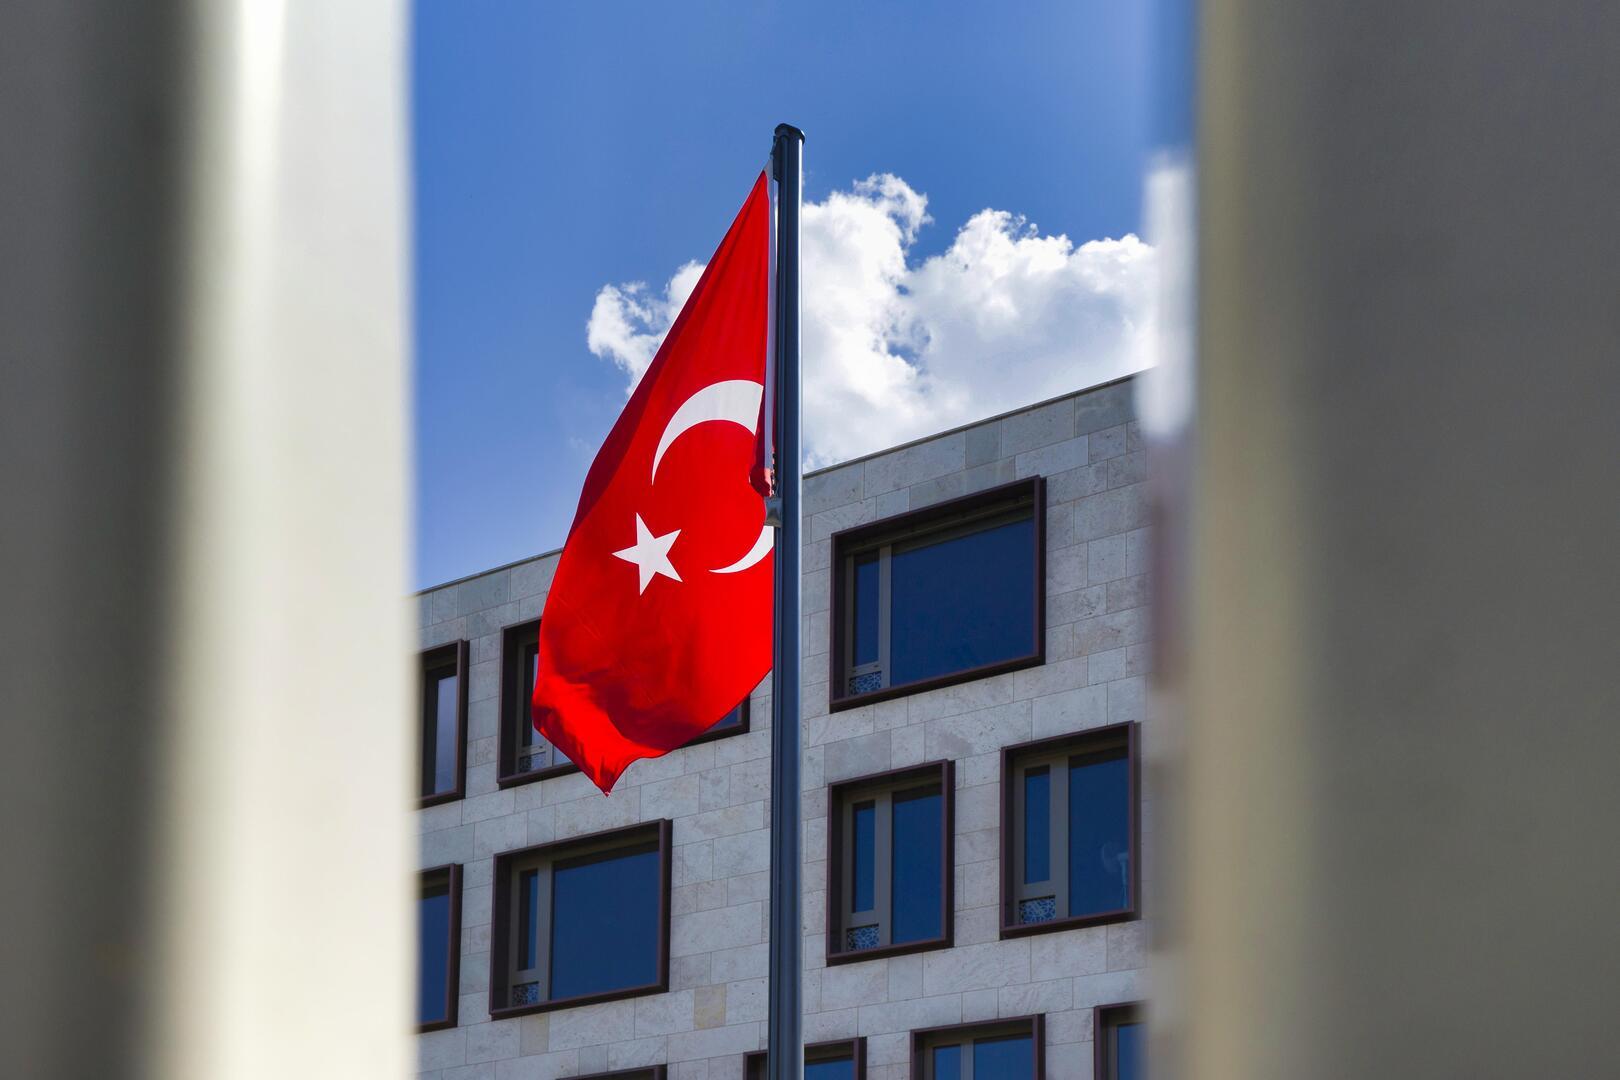 تركيا تنتقد السياسات الأوروبية الخاصة بالمهاجرين